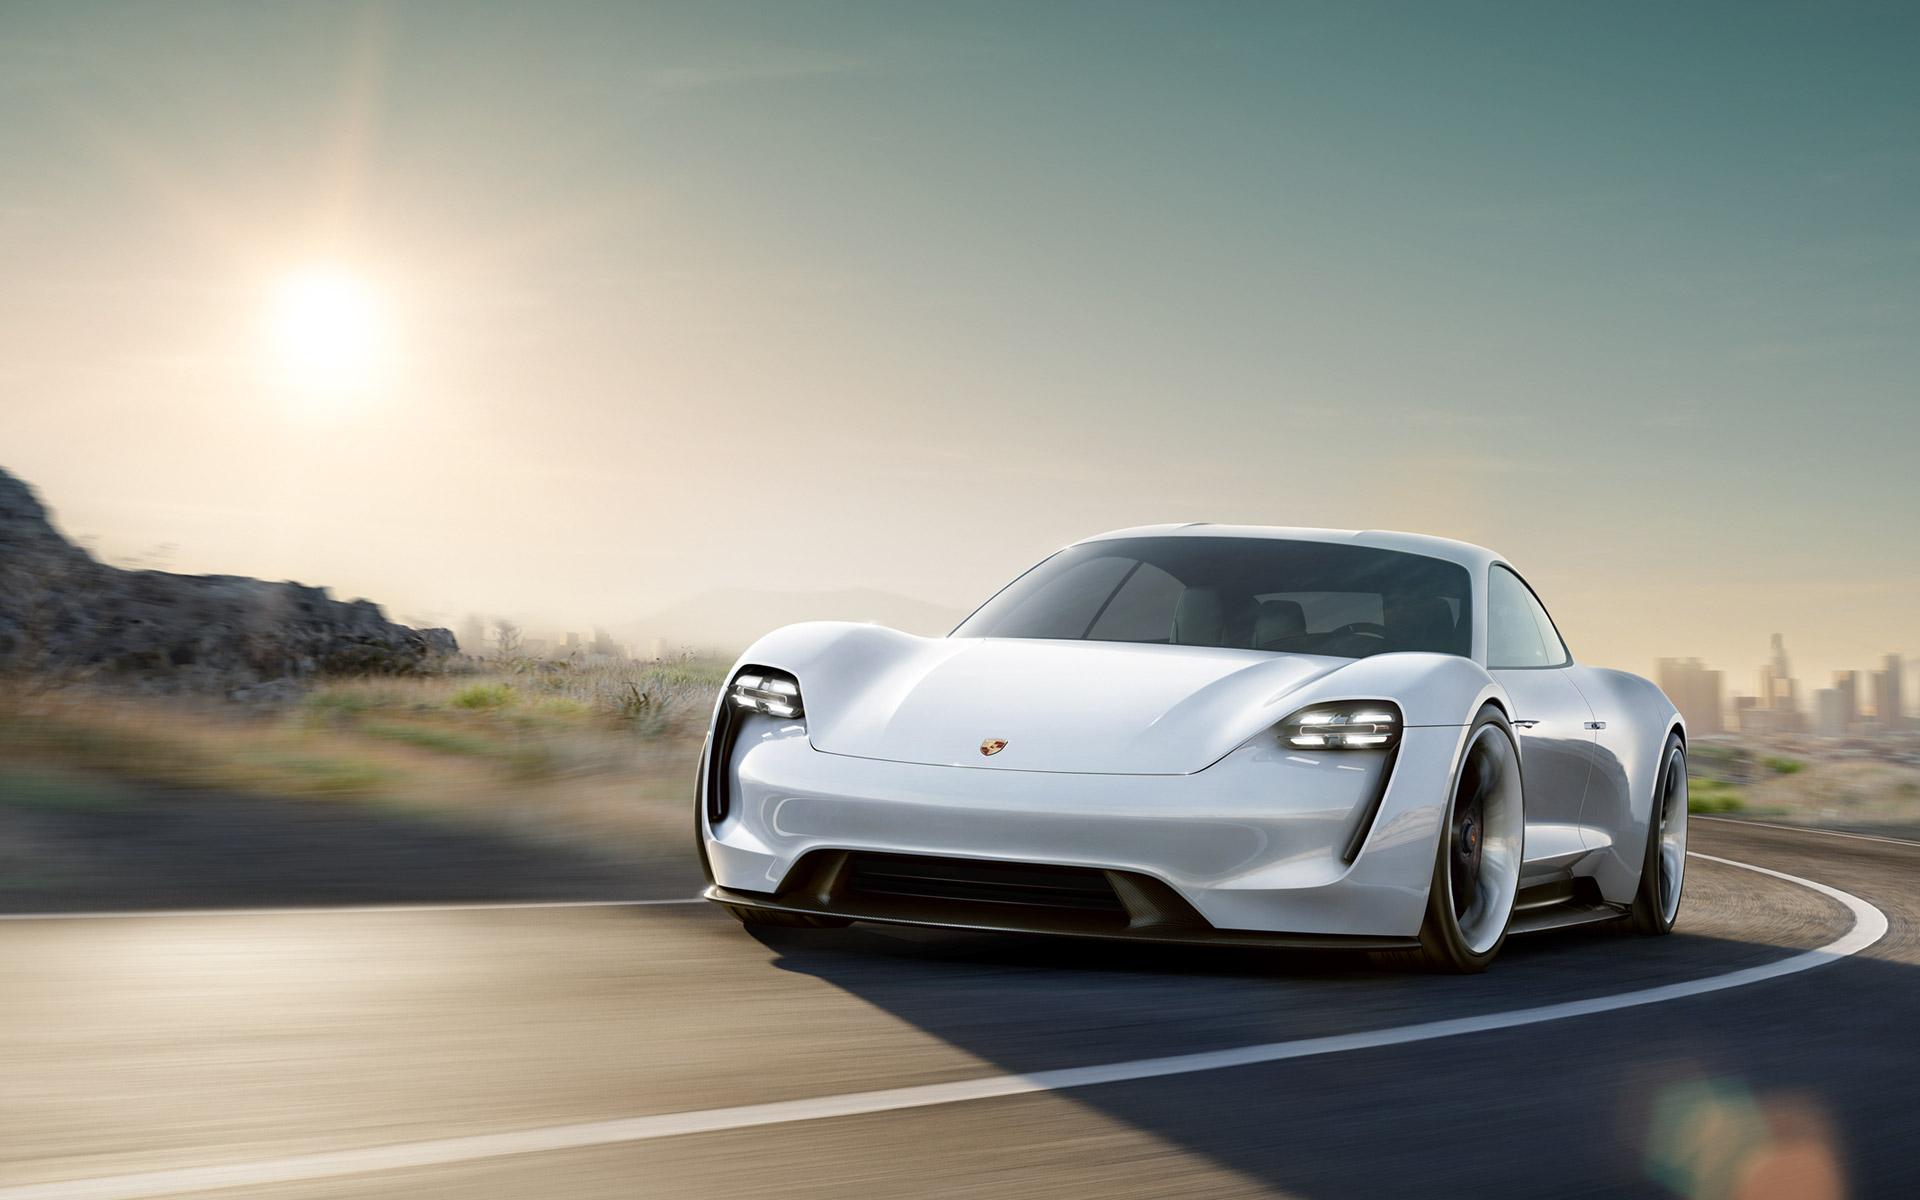 Porsche : la splendide Taycan électrique, concurrente de Tesla, repérée lors d'un test